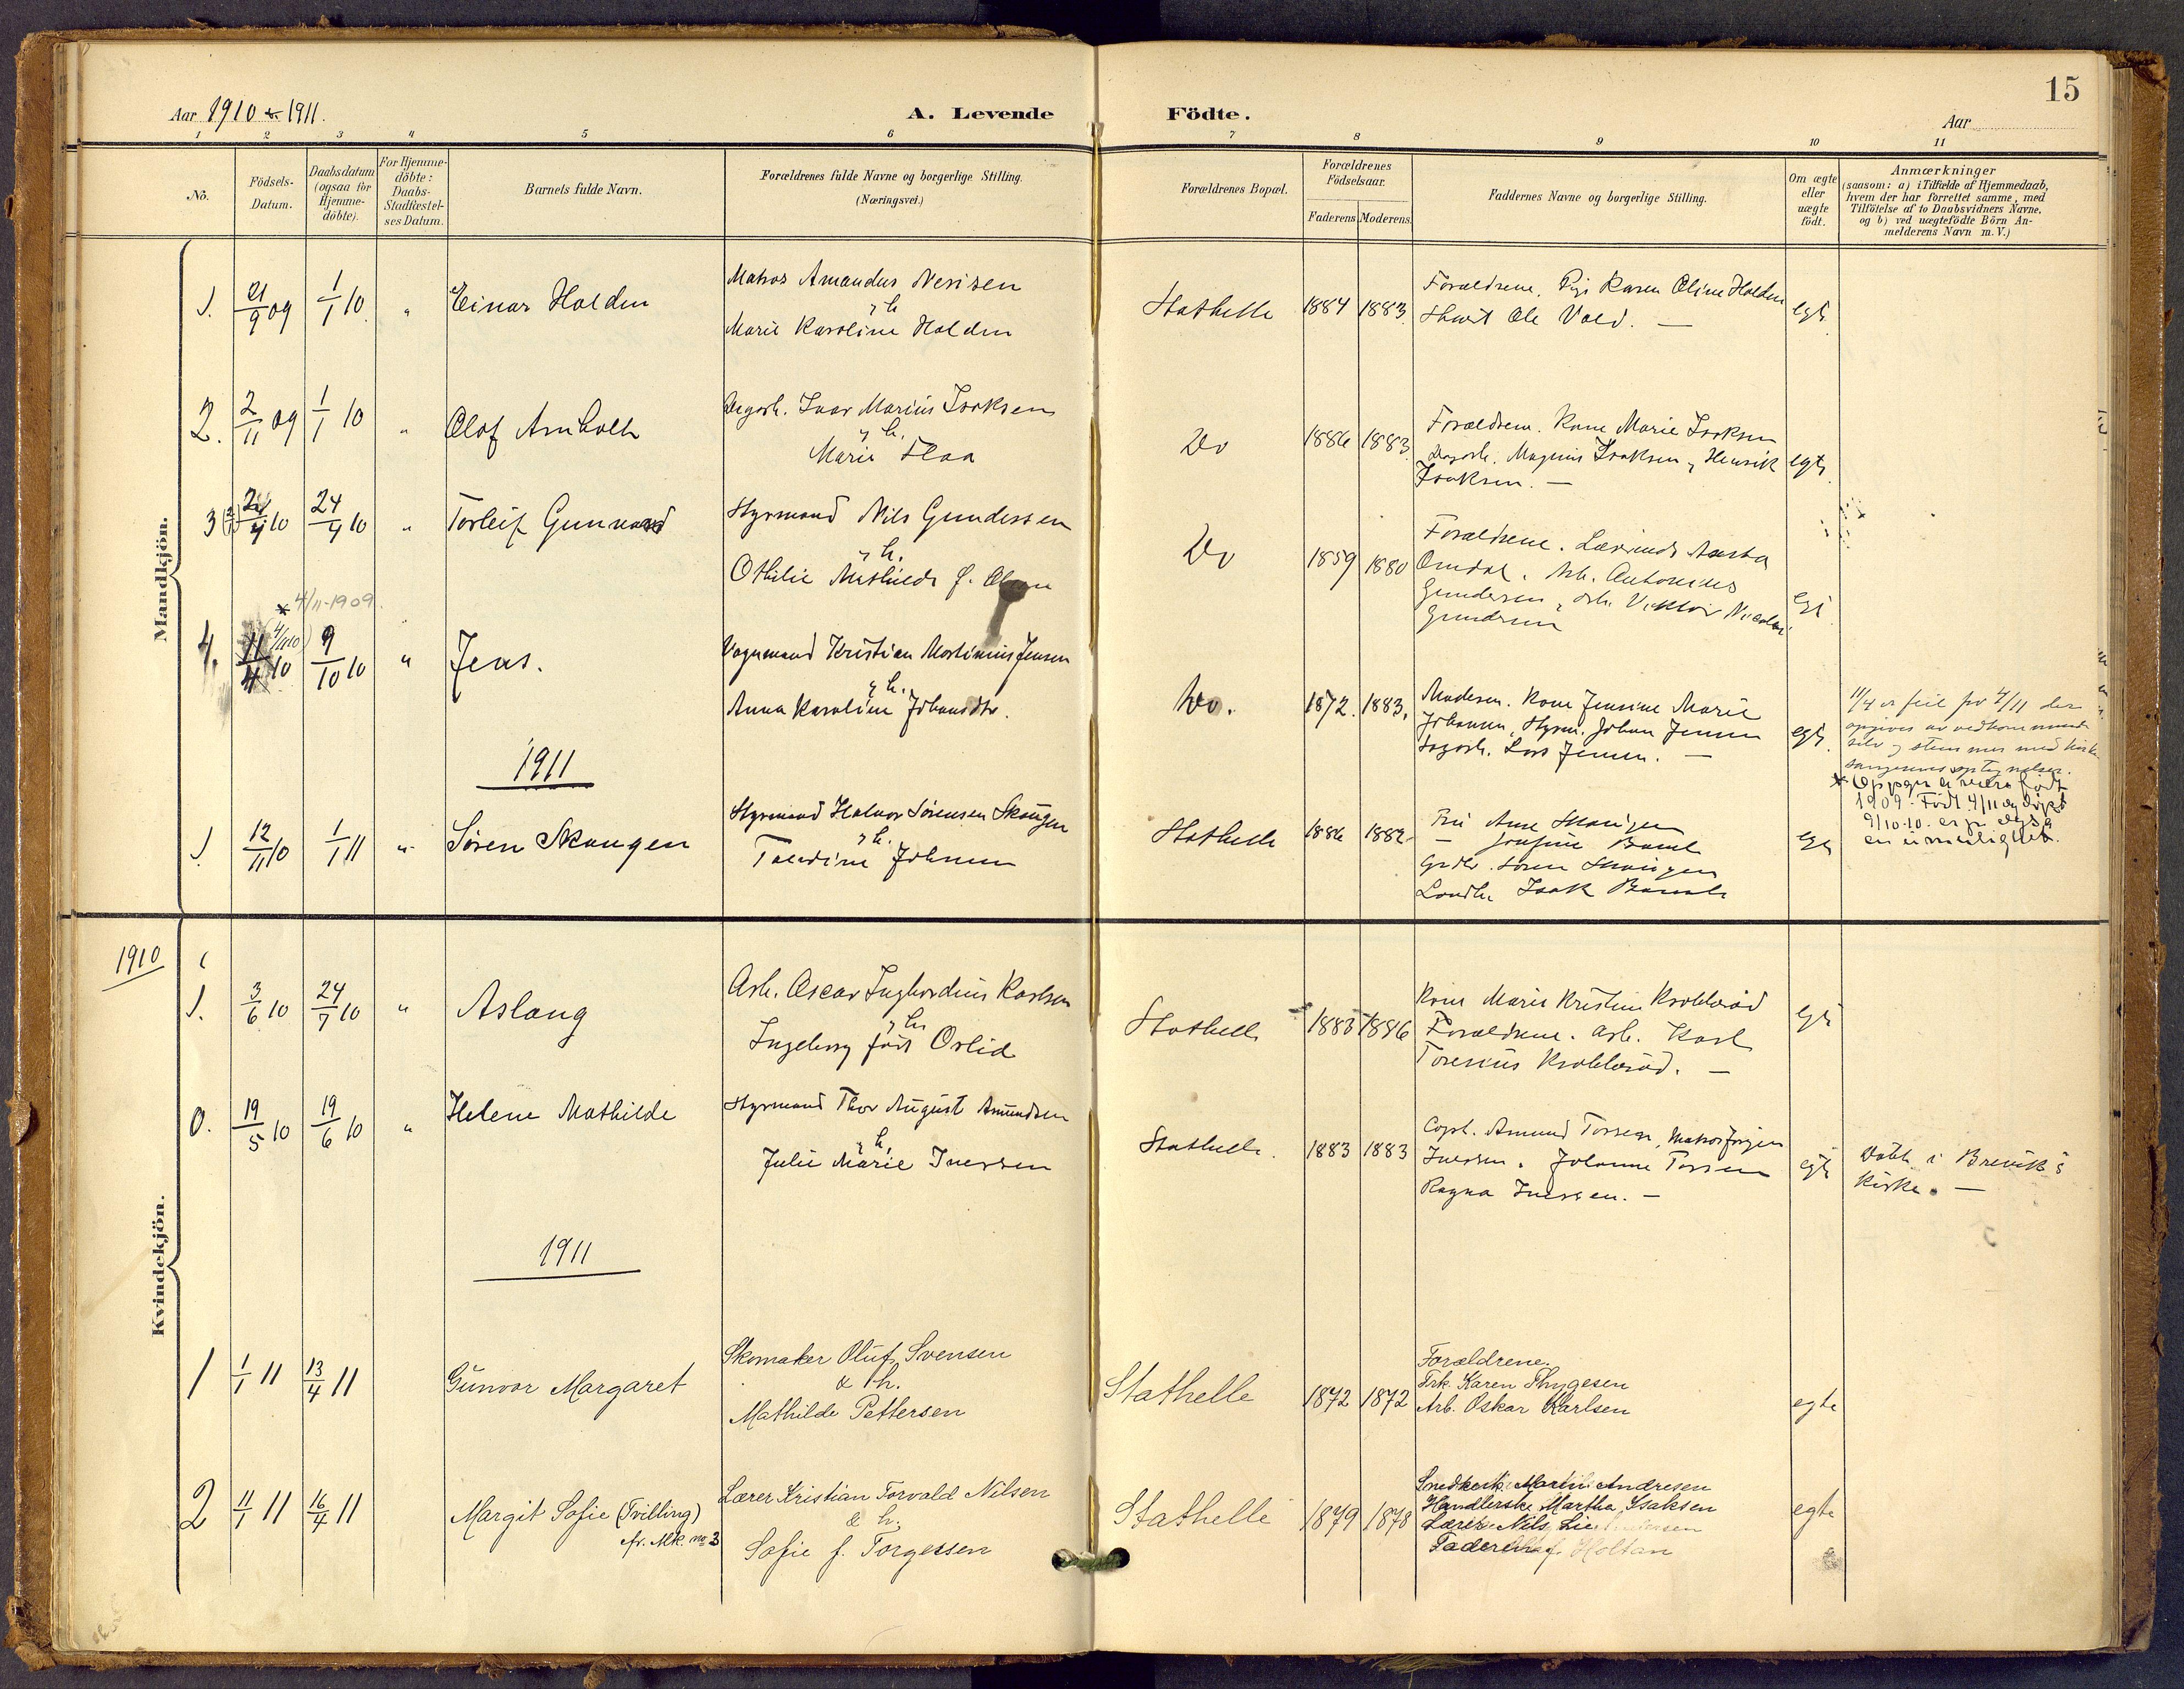 SAKO, Bamble kirkebøker, F/Fb/L0002: Ministerialbok nr. II 2, 1900-1921, s. 15